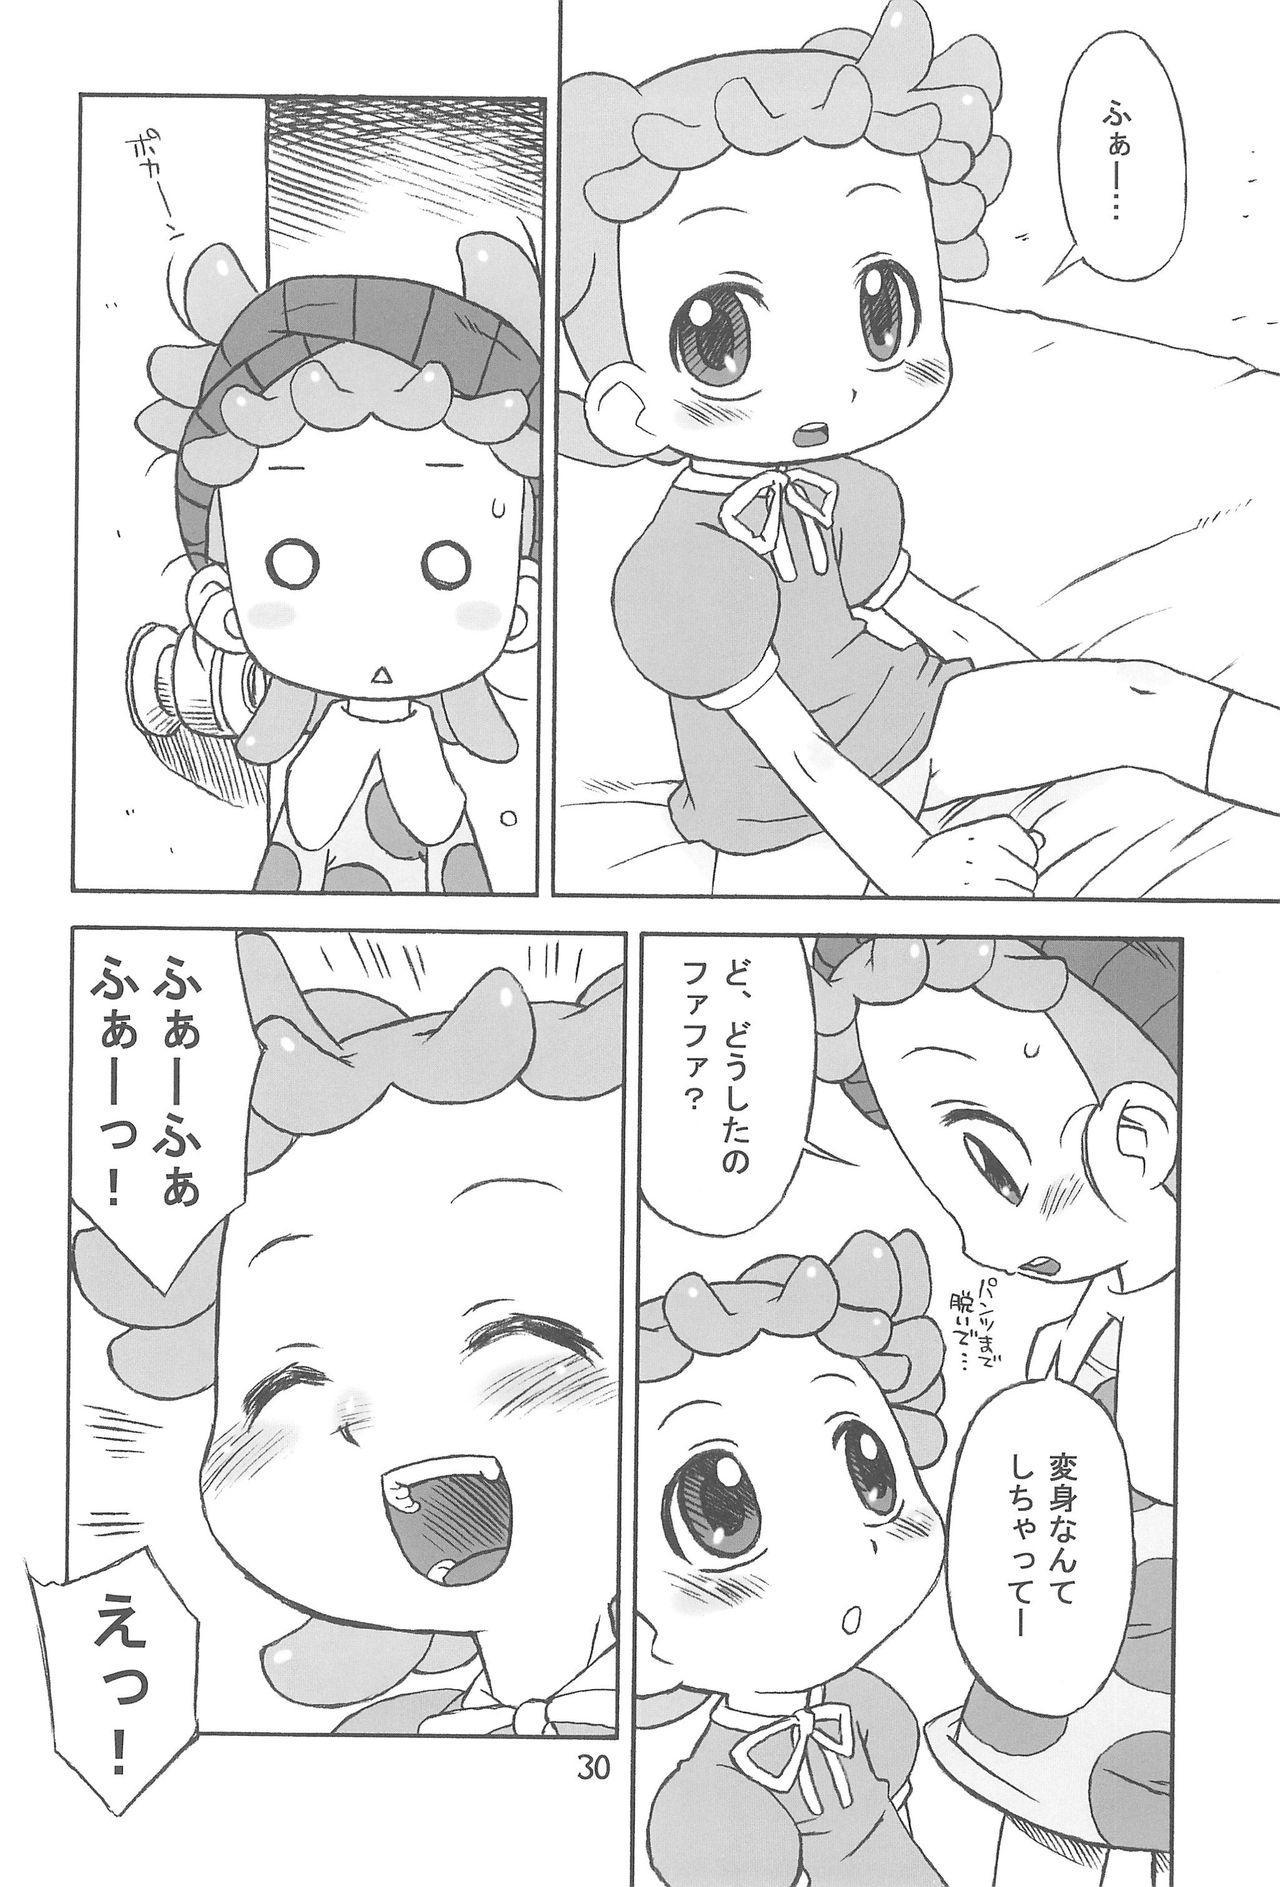 Tayorinai Bokura no Hateshinai Ashita. 29